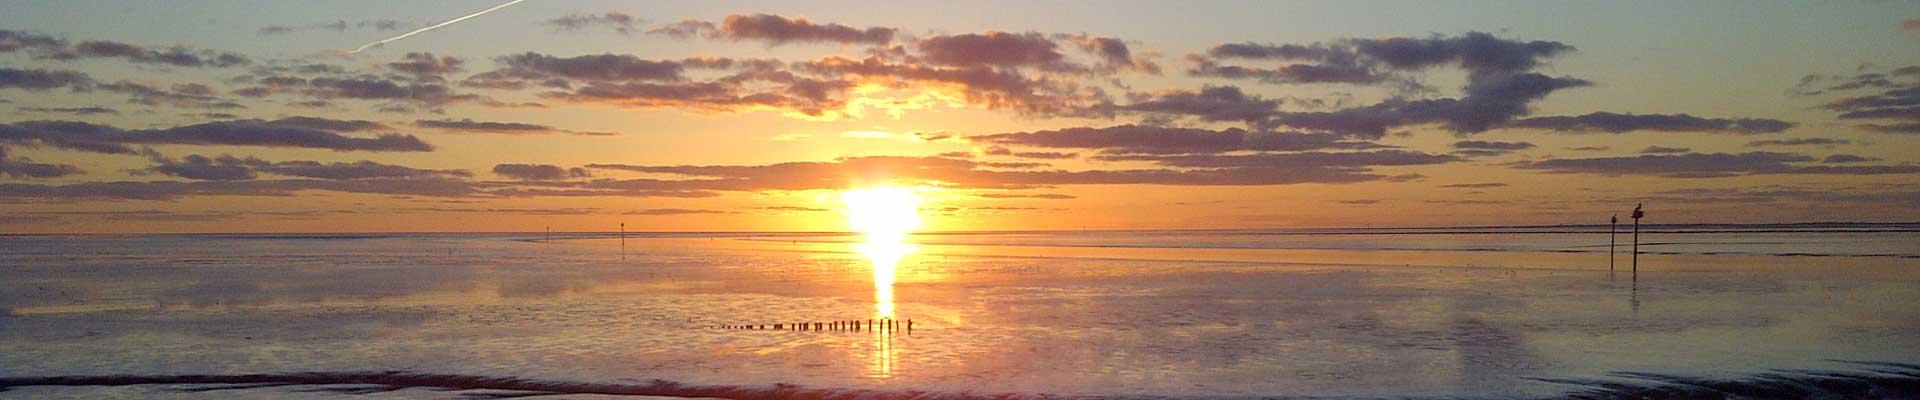 Tussen Slik en Zand: Zicht op de Waddenzee met ondergaande zon